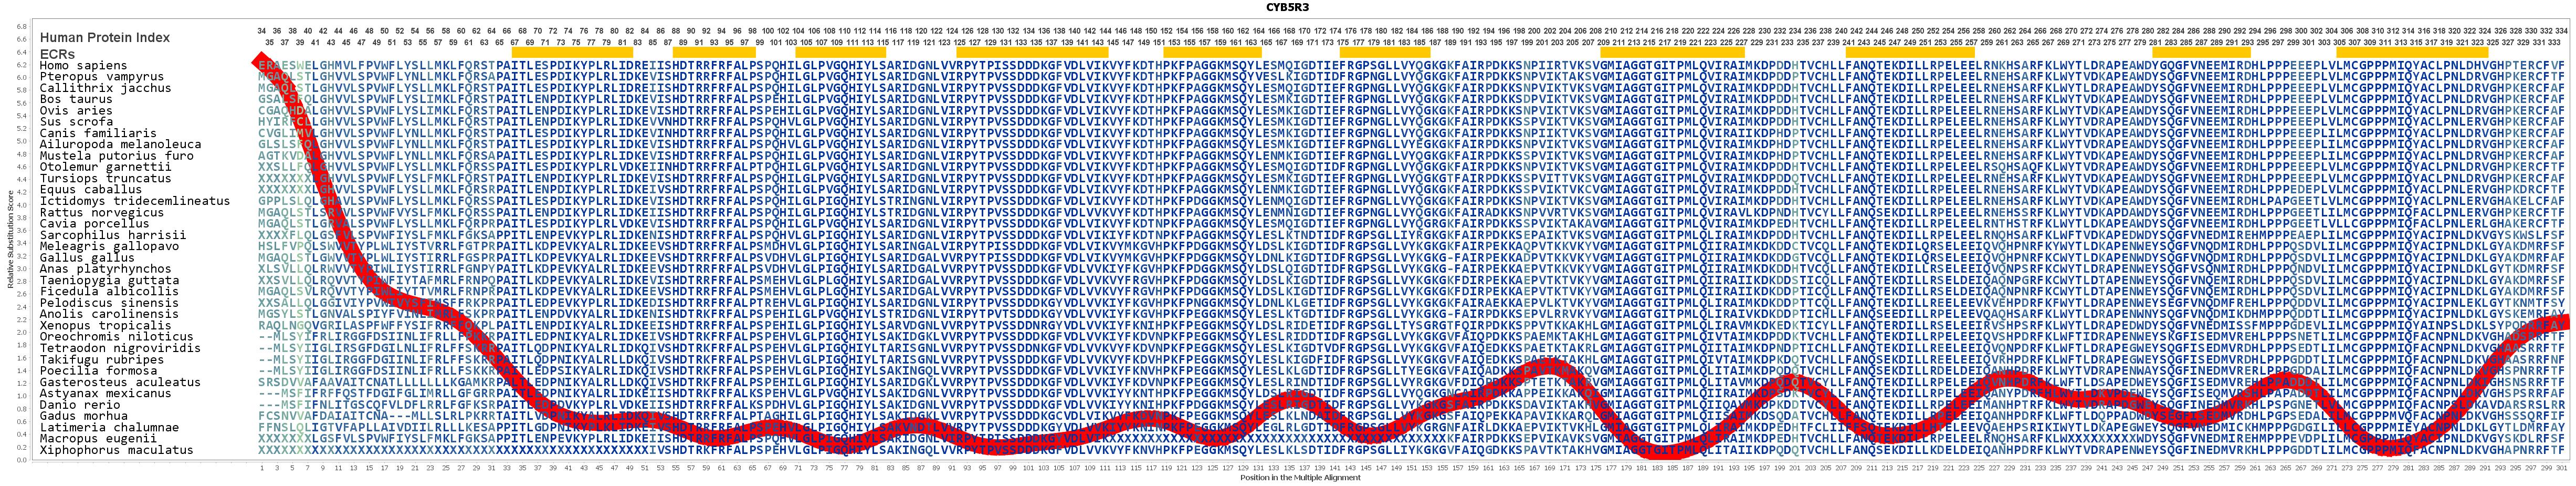 Cyb5r3 Gene Genecards Nb5r3 Protein Antibody Taurus Schematics 740 Evolution For